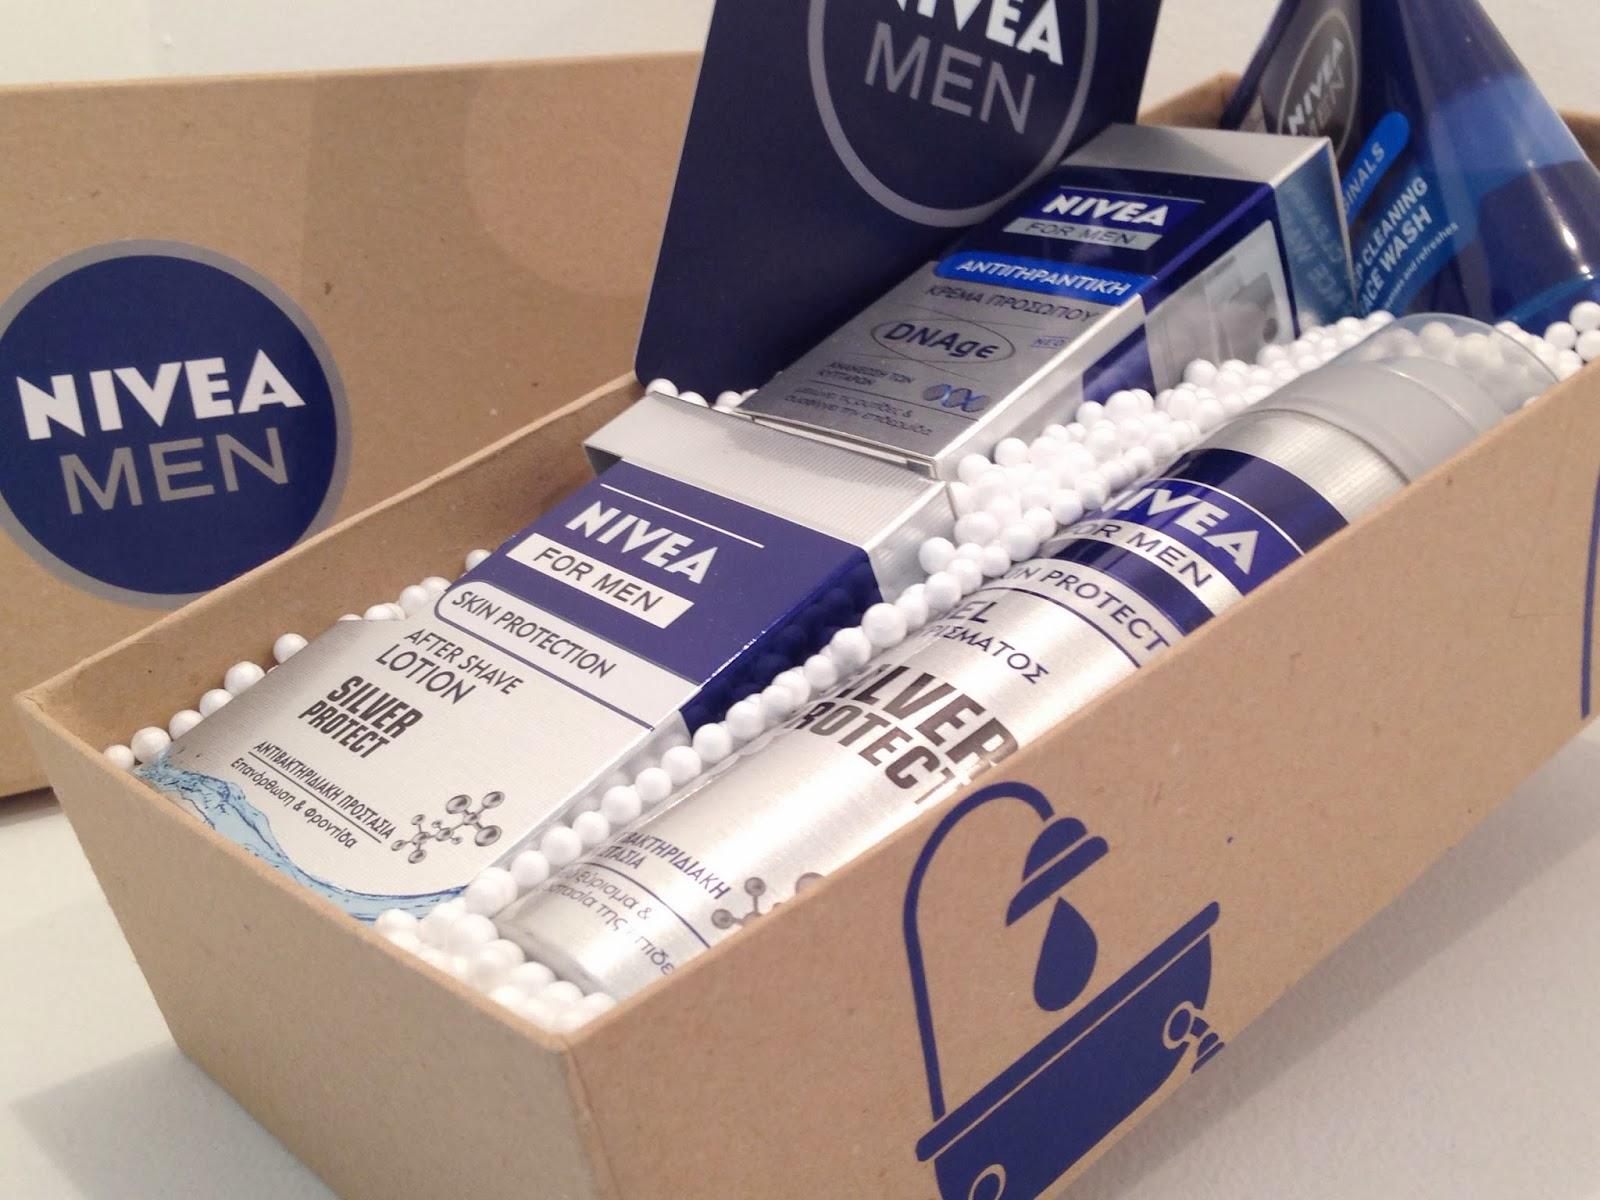 Упаковка для nivea men 4 фотография